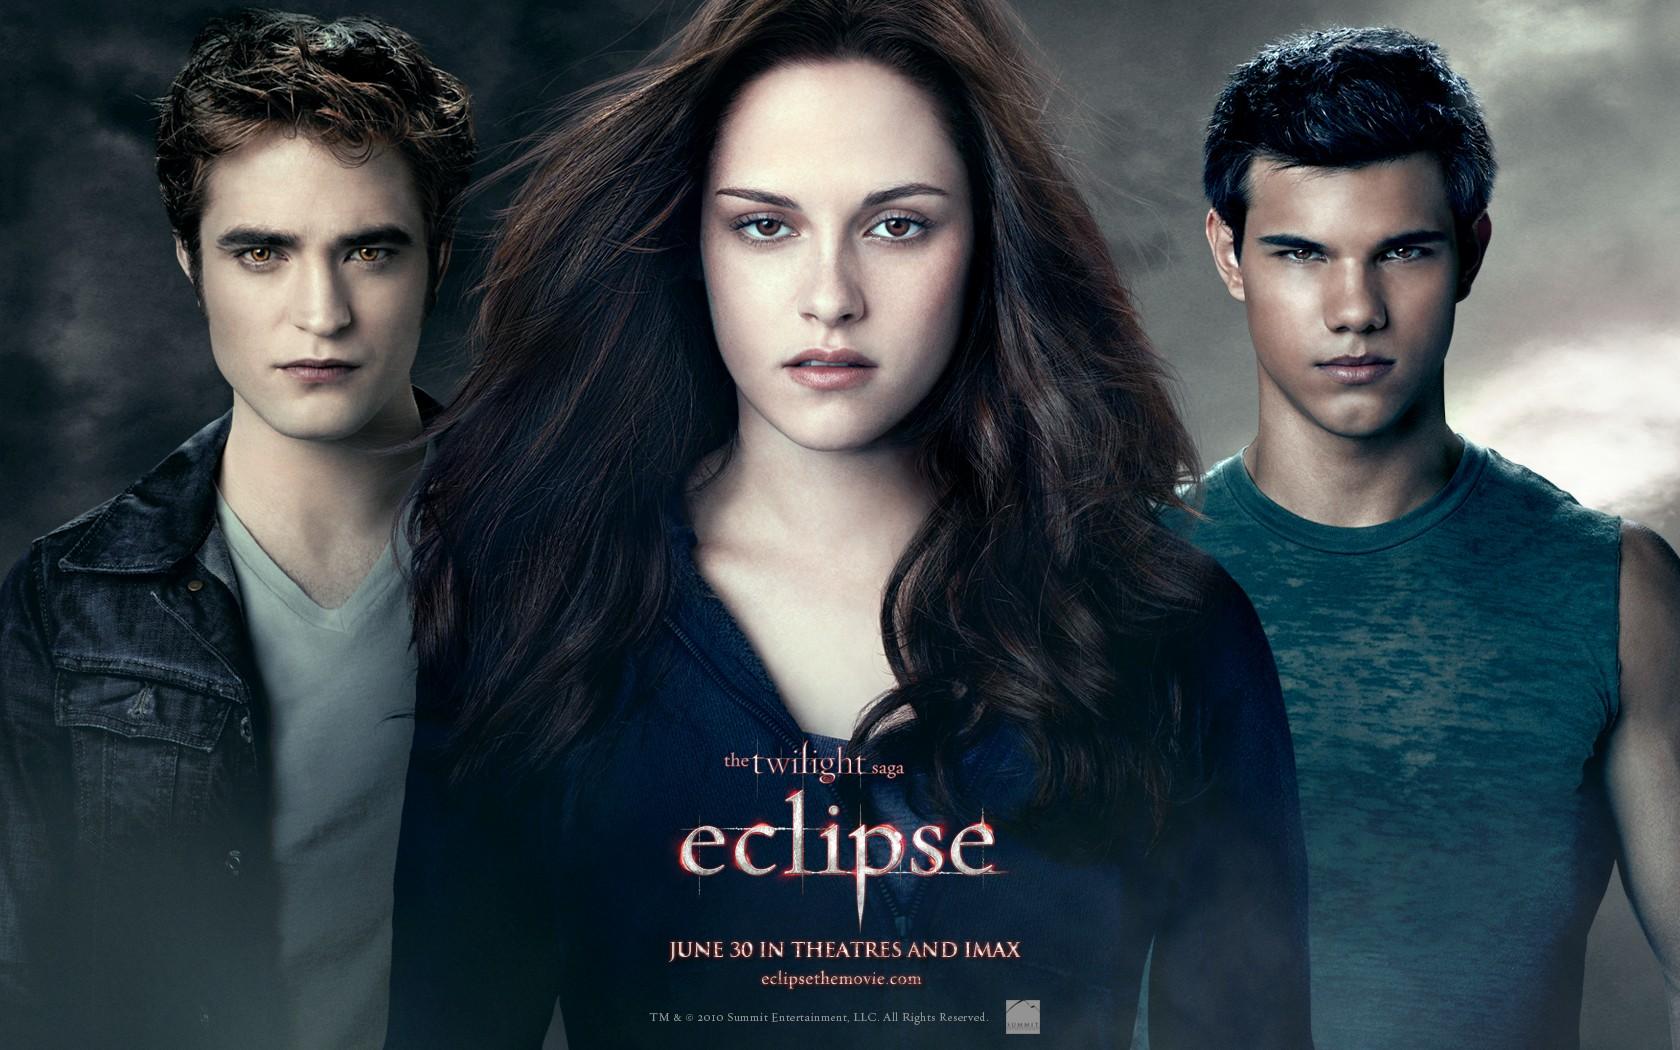 Un wallpaper ufficiale, con il trio protagonista, del film The Twilight Saga: Eclipse